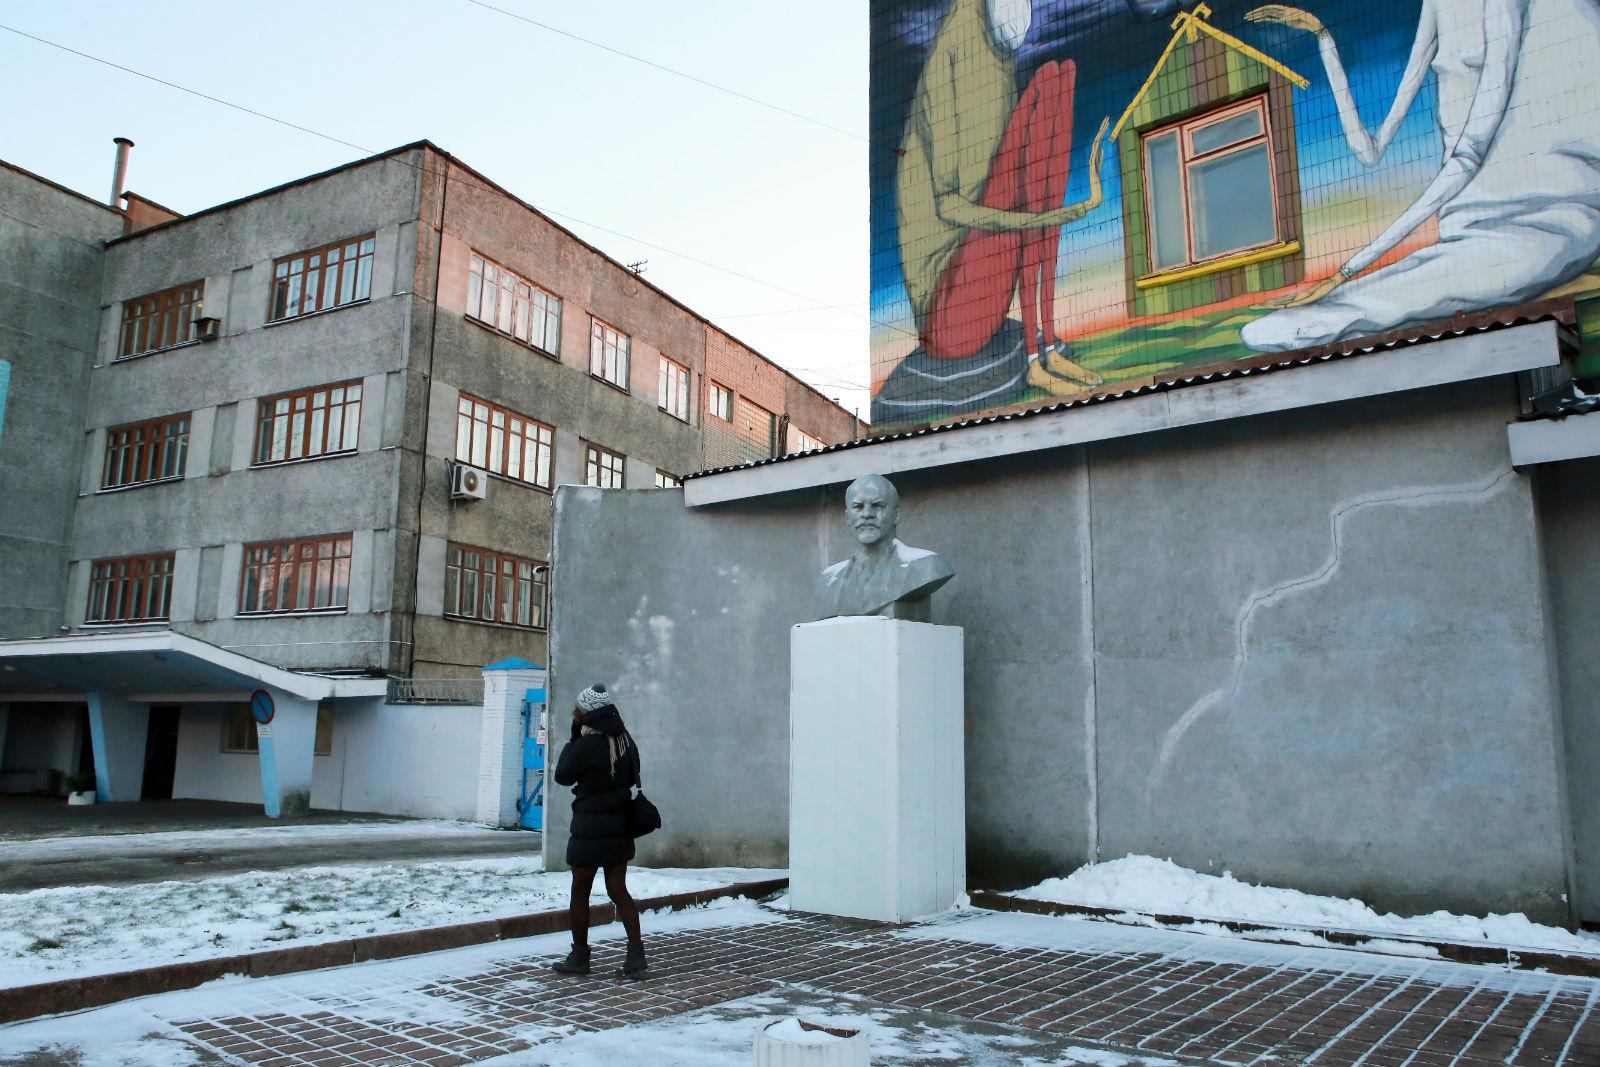 Вид на Кастрычницкую улицу в относительно либеральном районе Минска. Можно все еще увидеть бюст Ленина - символ коммунистического прошлого Минска.